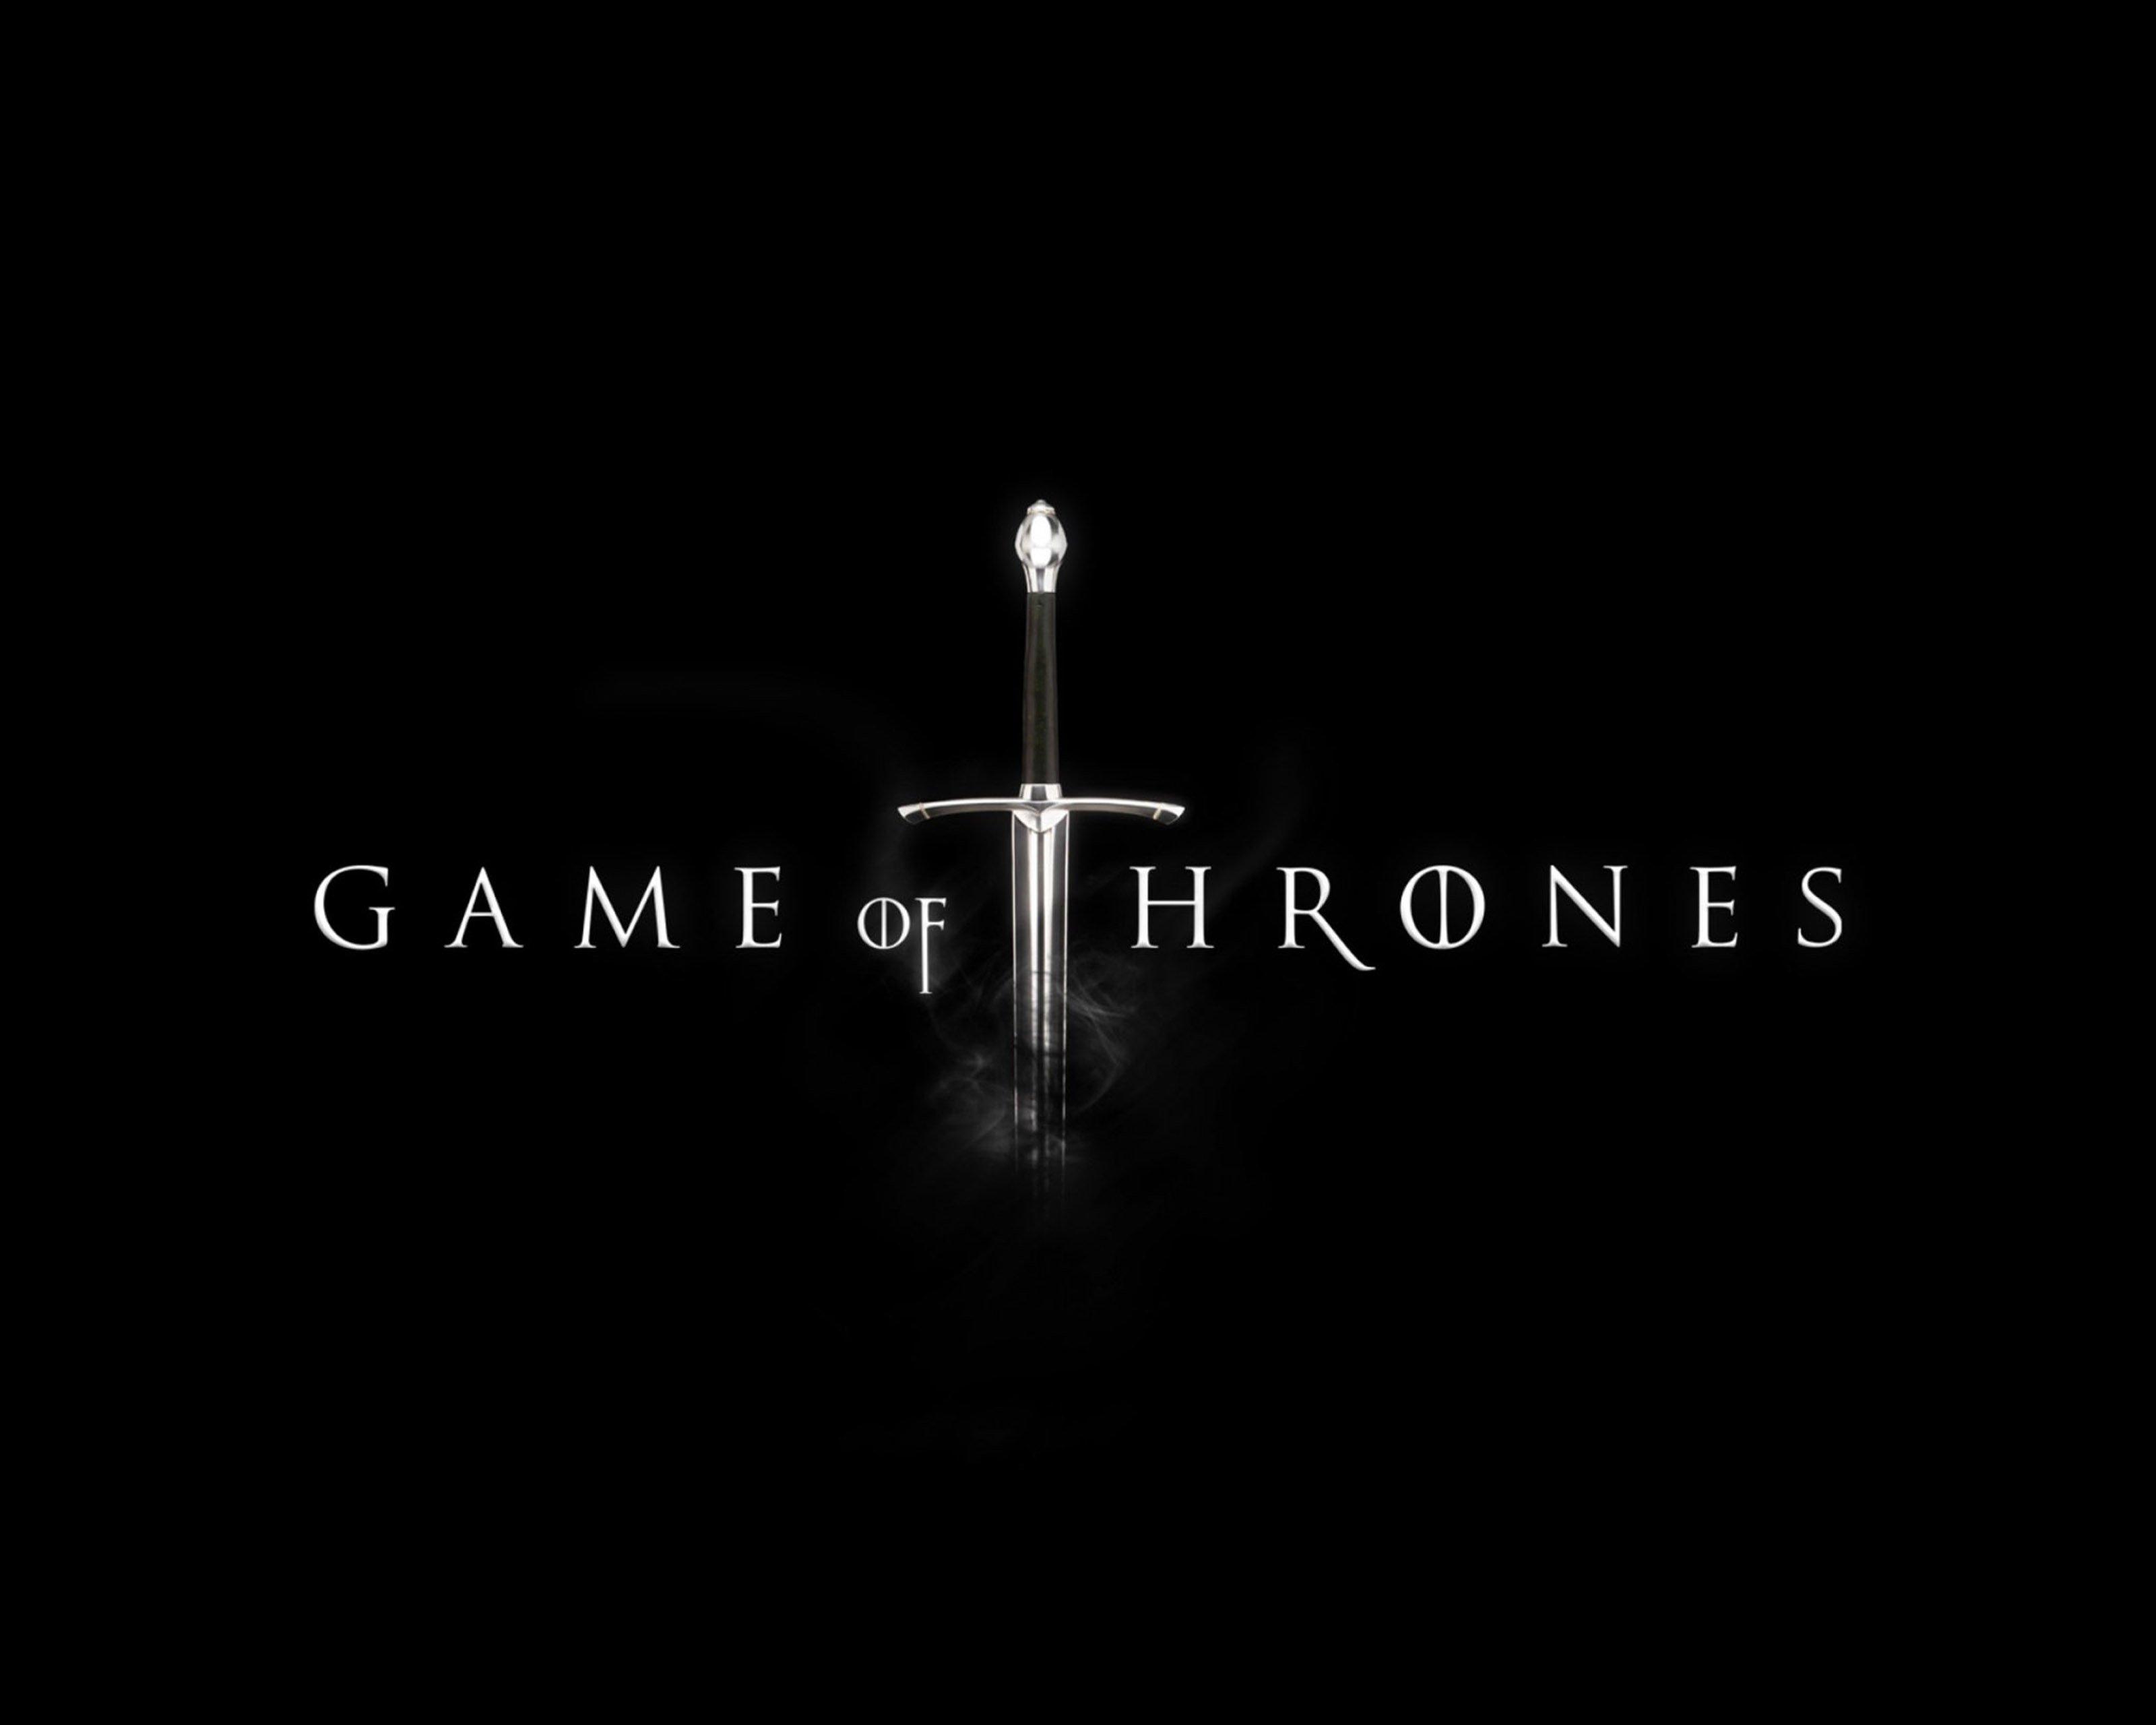 Fondo de pantalla de Game Of Thrones Imágenes